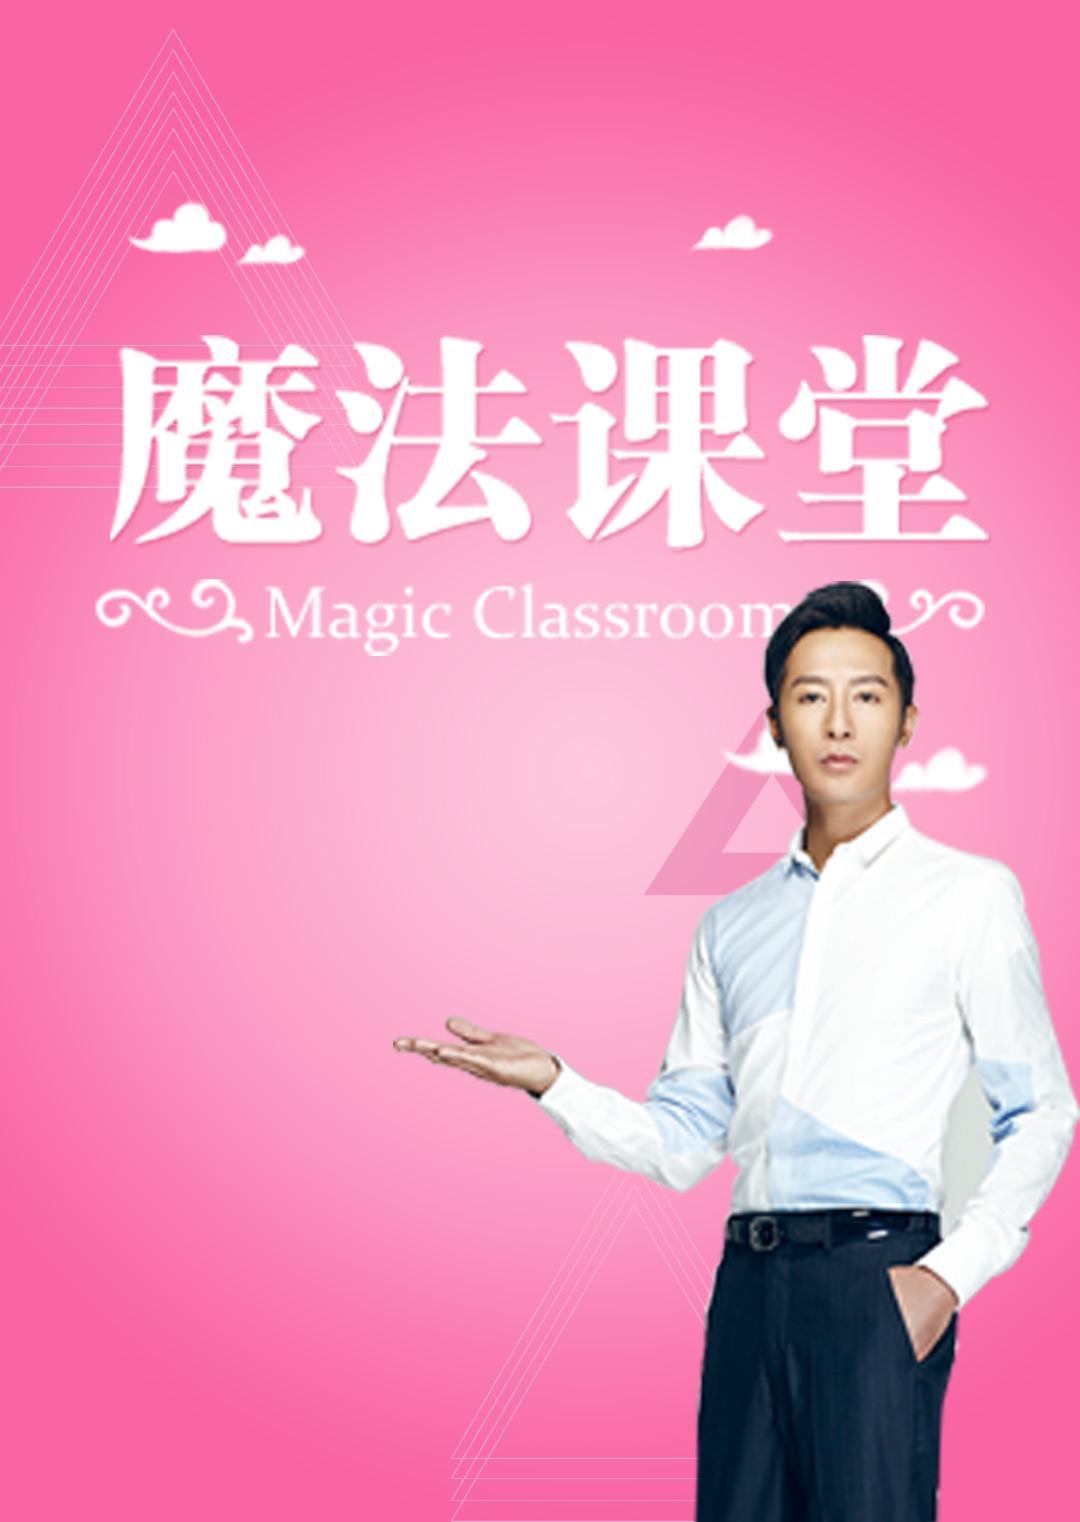 魔法课堂 2017